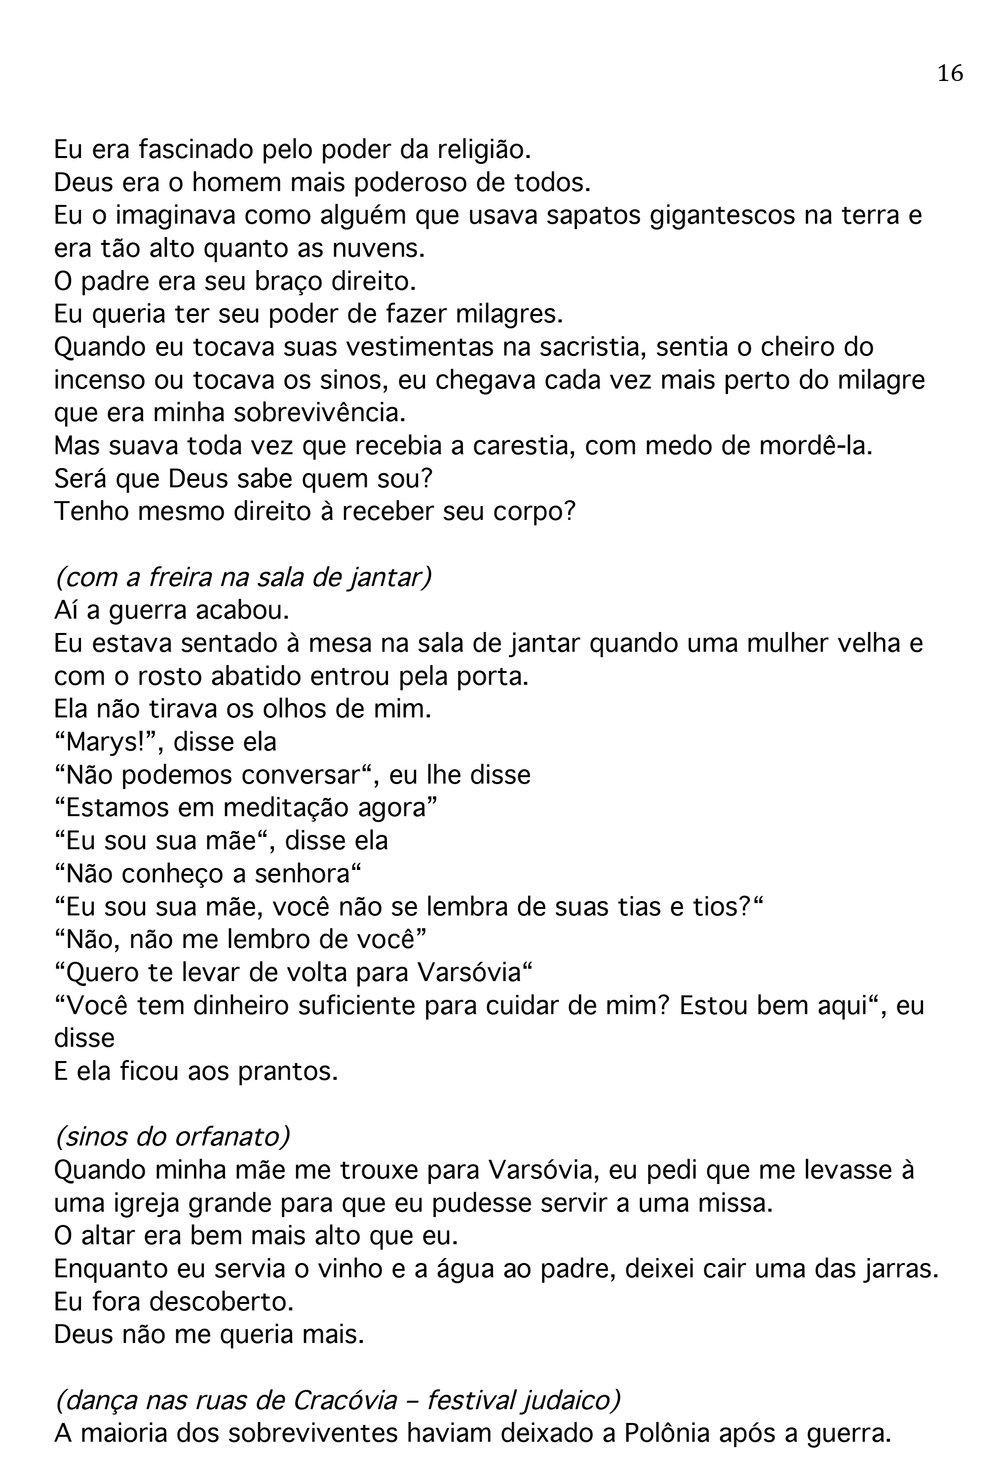 PORTUGUESE-SCRIPT-16.jpg